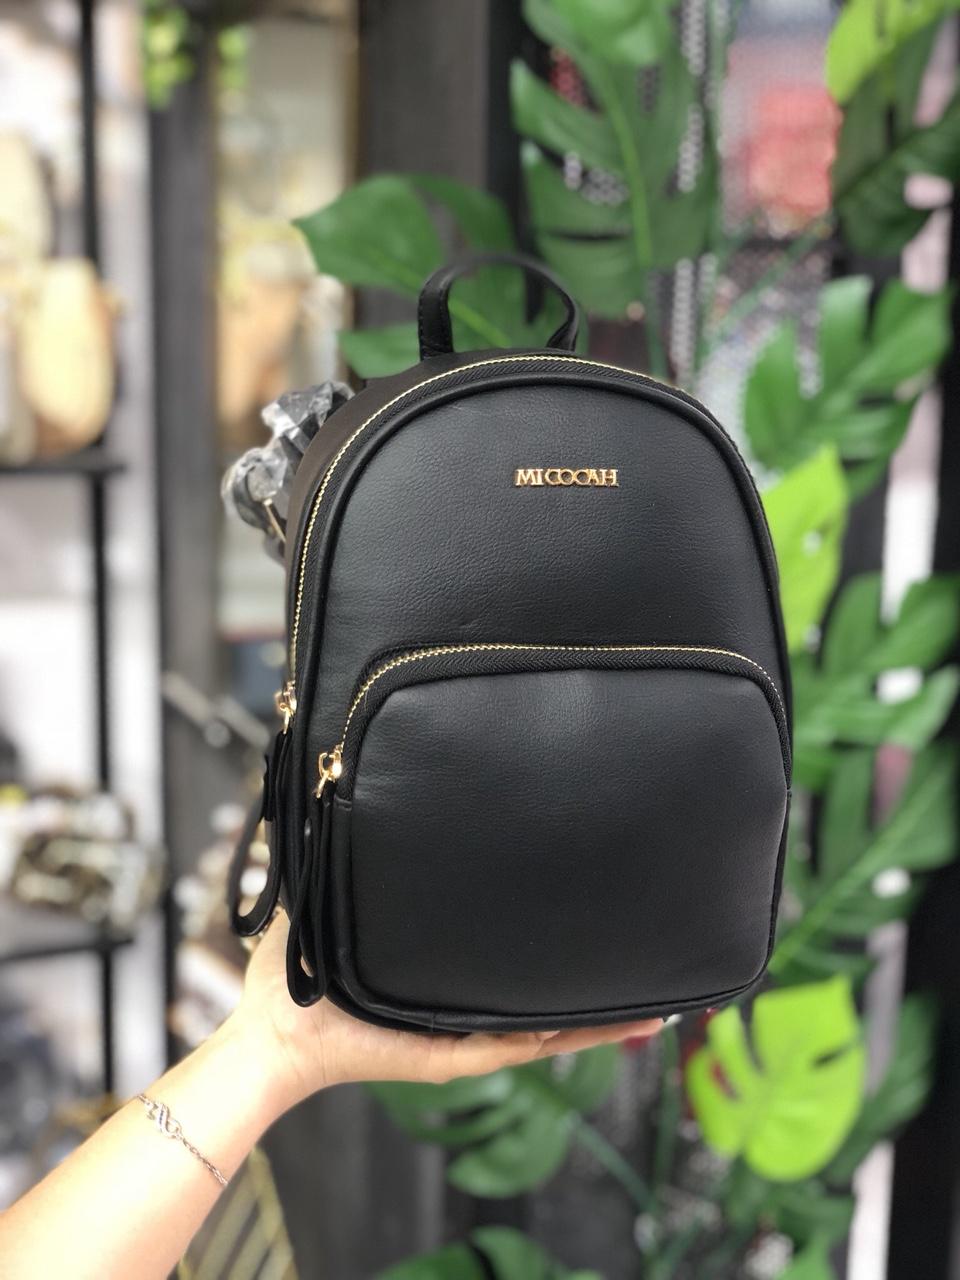 Balo Micocah mini - XK369